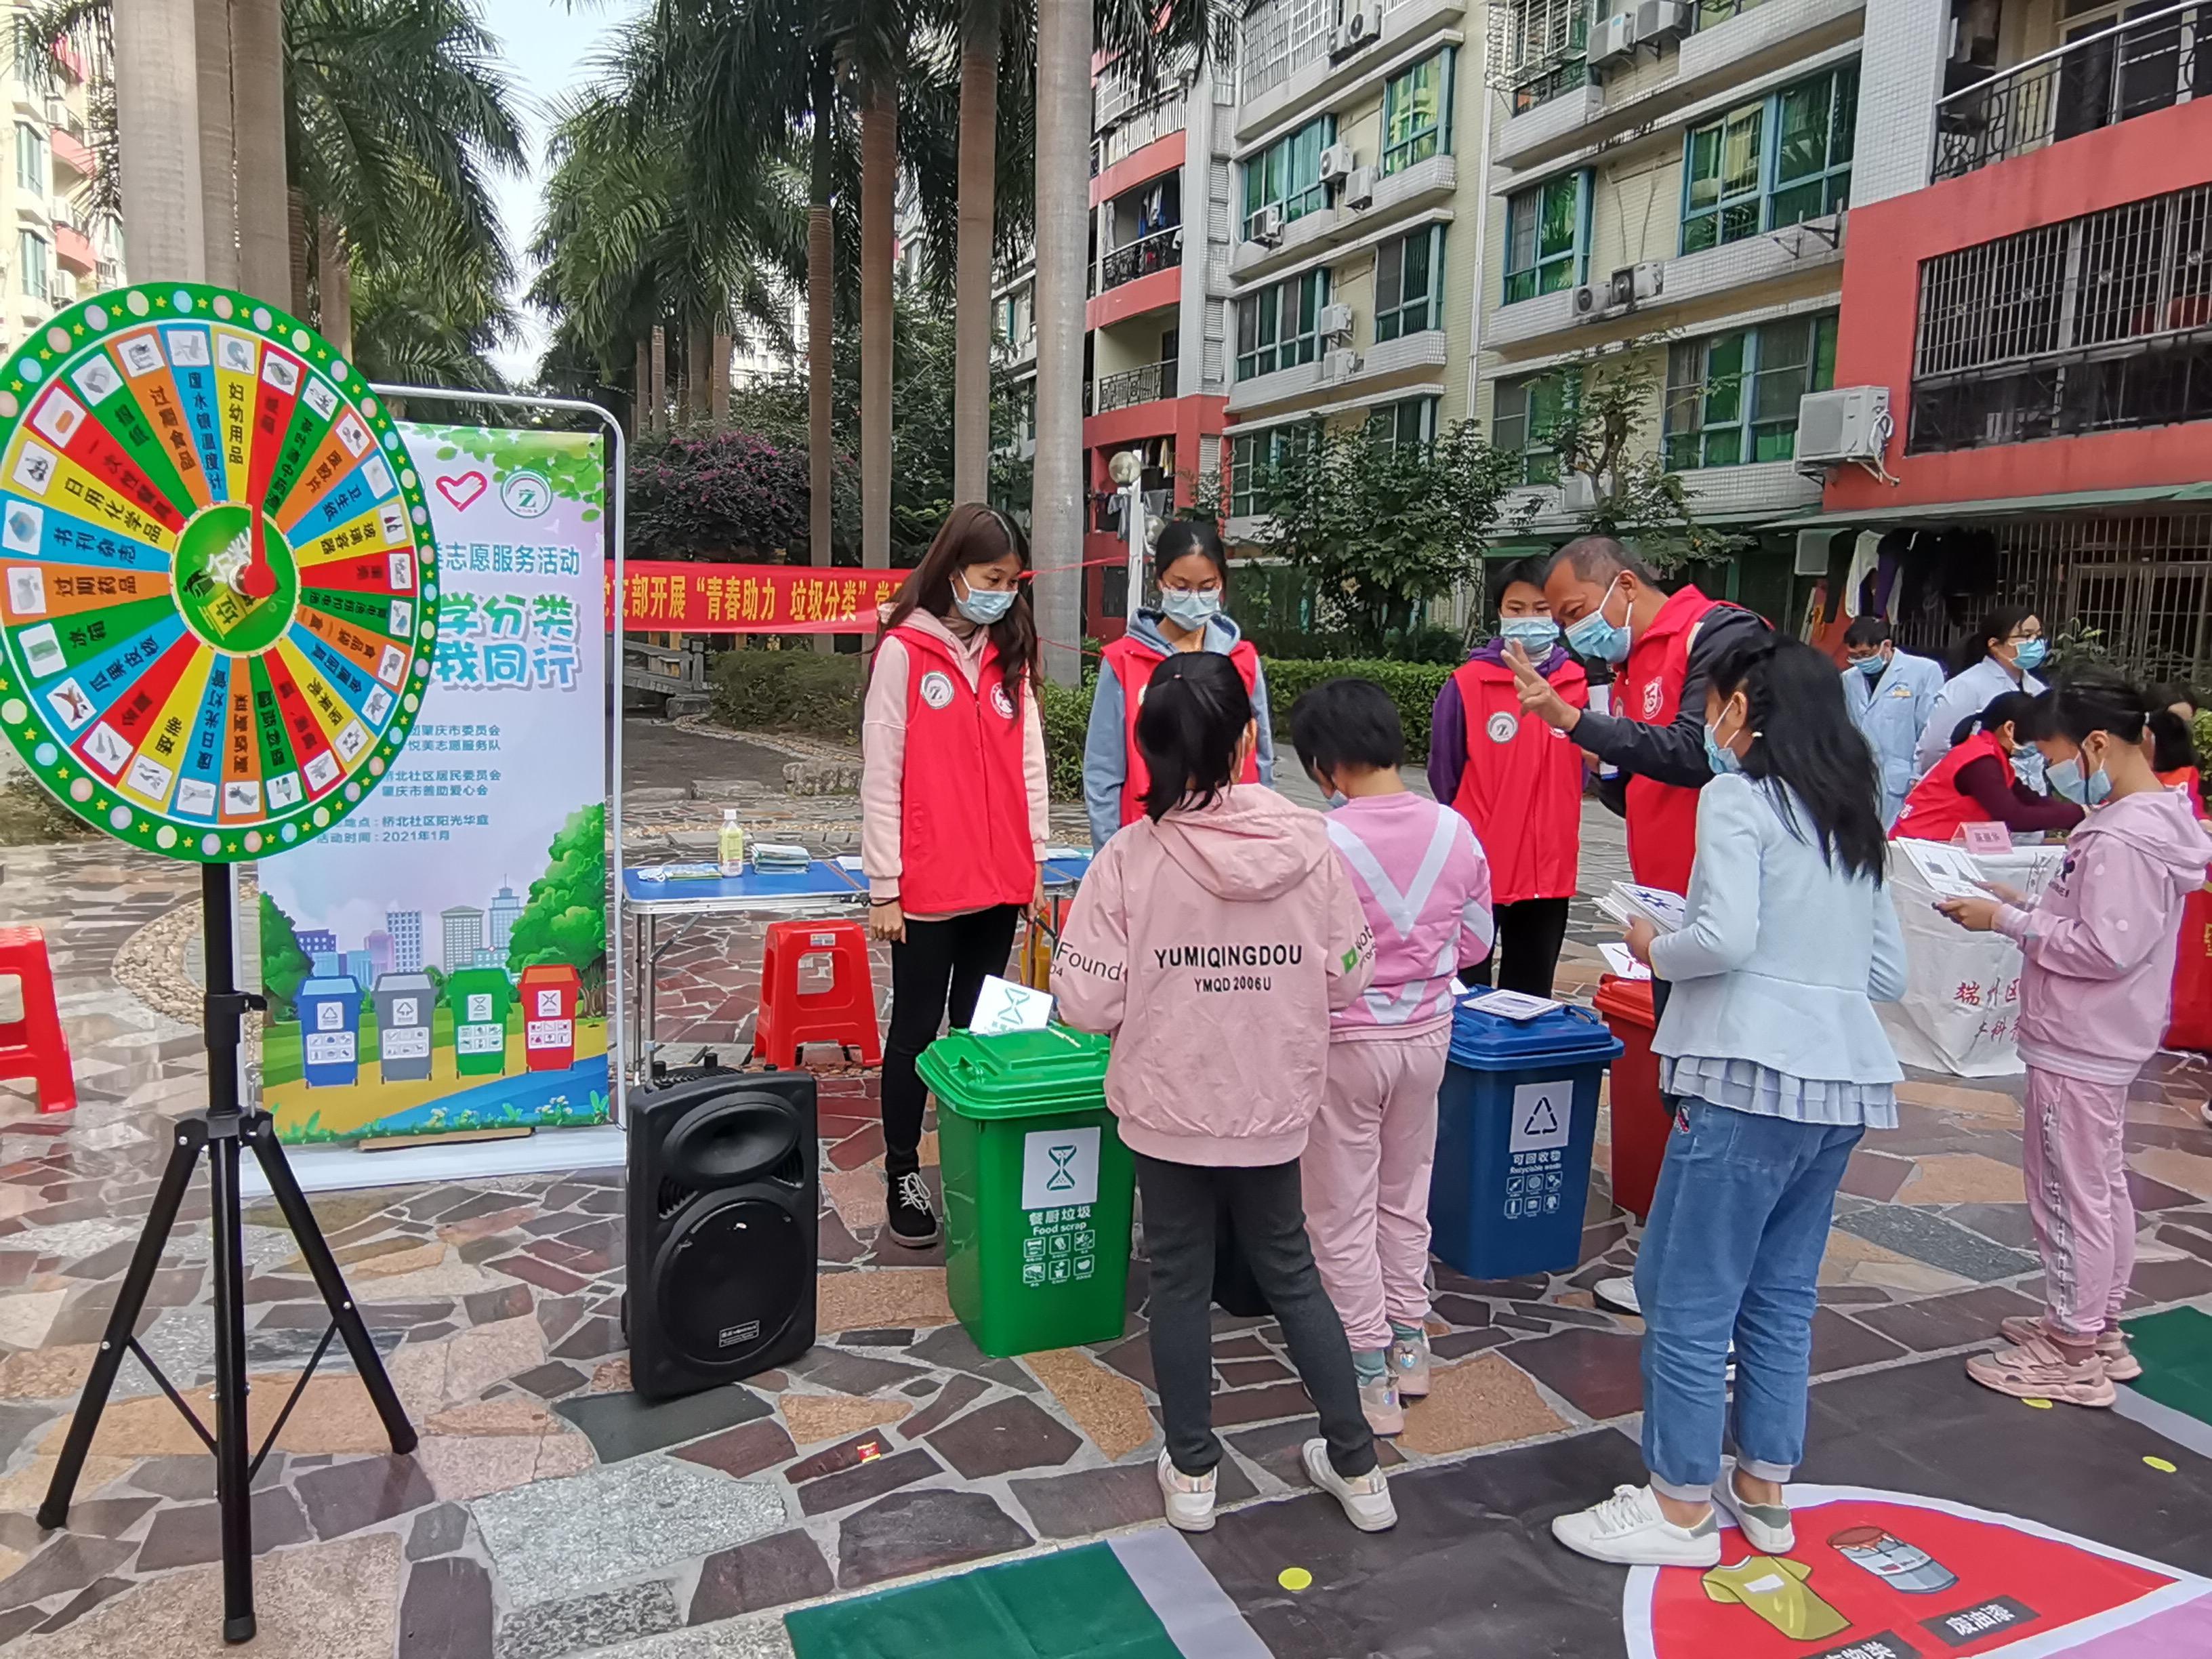 志愿服务进社区 宣传垃圾分类知识